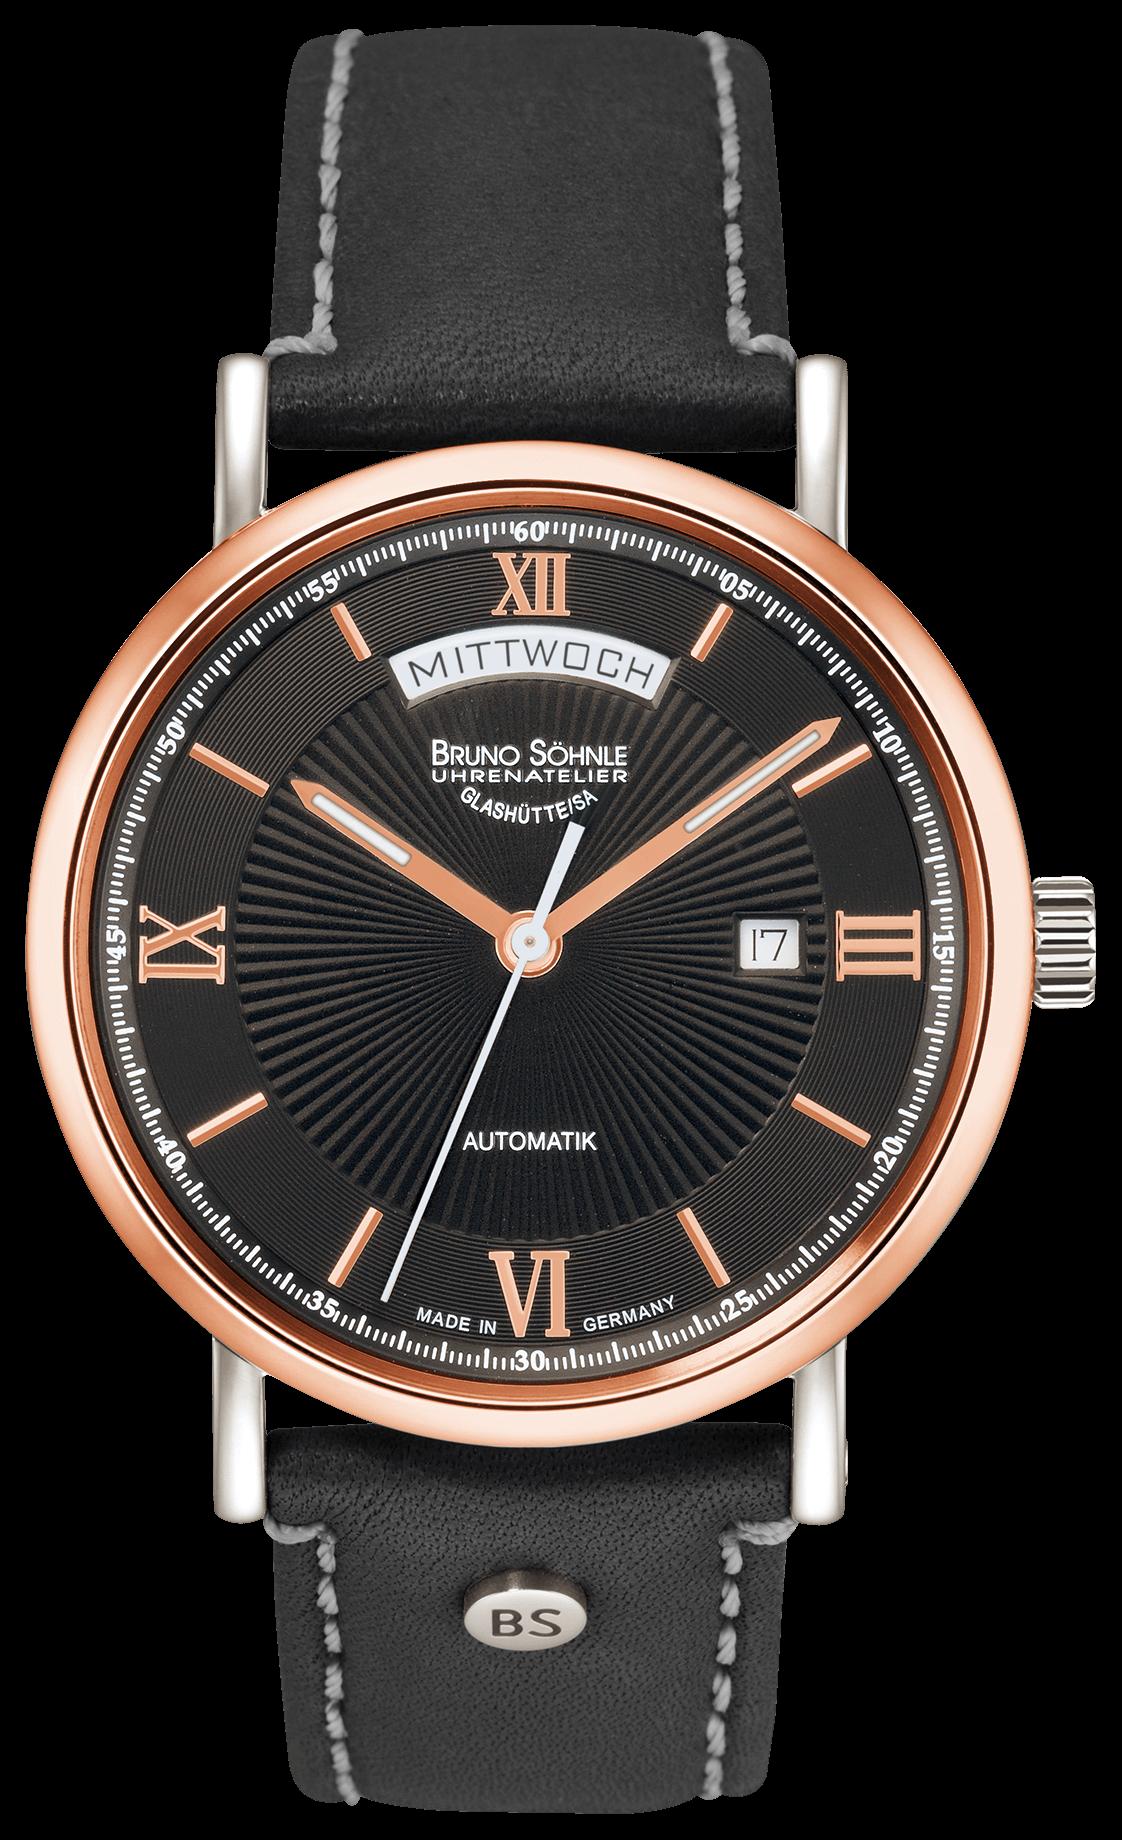 Bruno Söhnle horloge – Lagomat Day-date – 17-62148-271